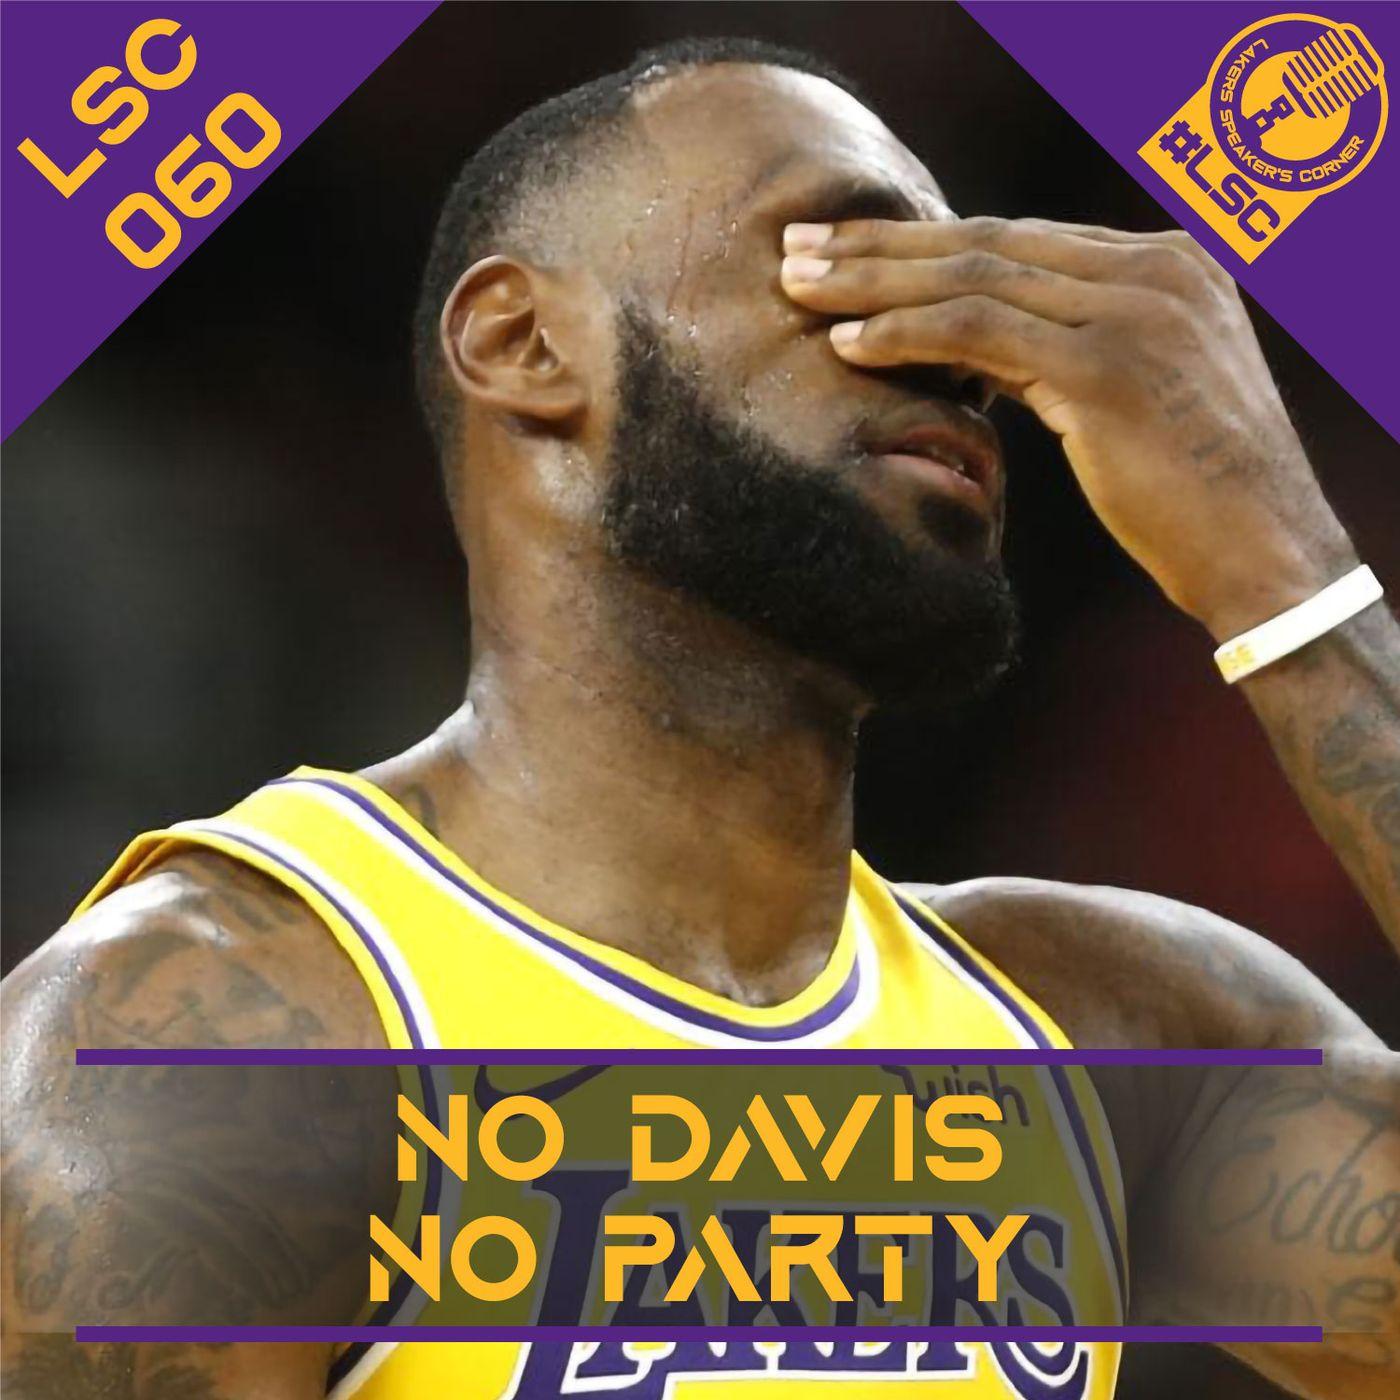 LSC 060 - No Davis No Party